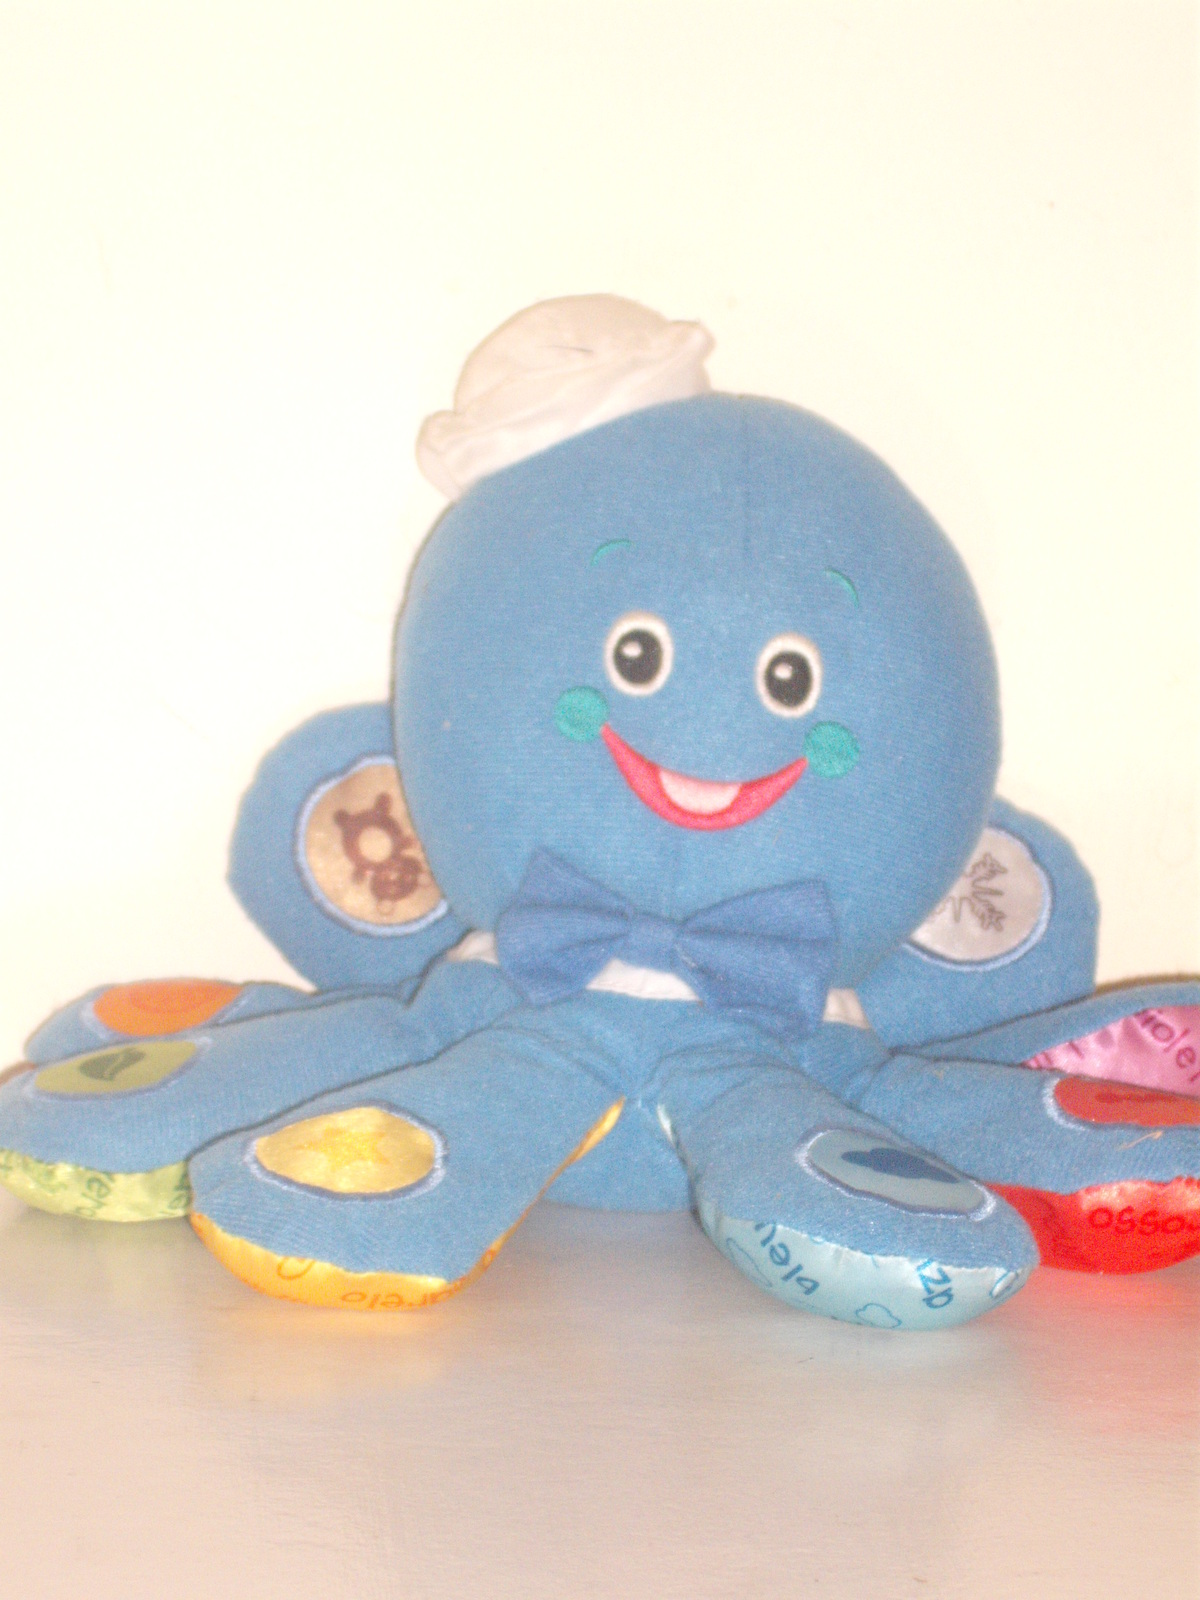 Baby Einstein Musical Plush Dragon Toy Teach French ...